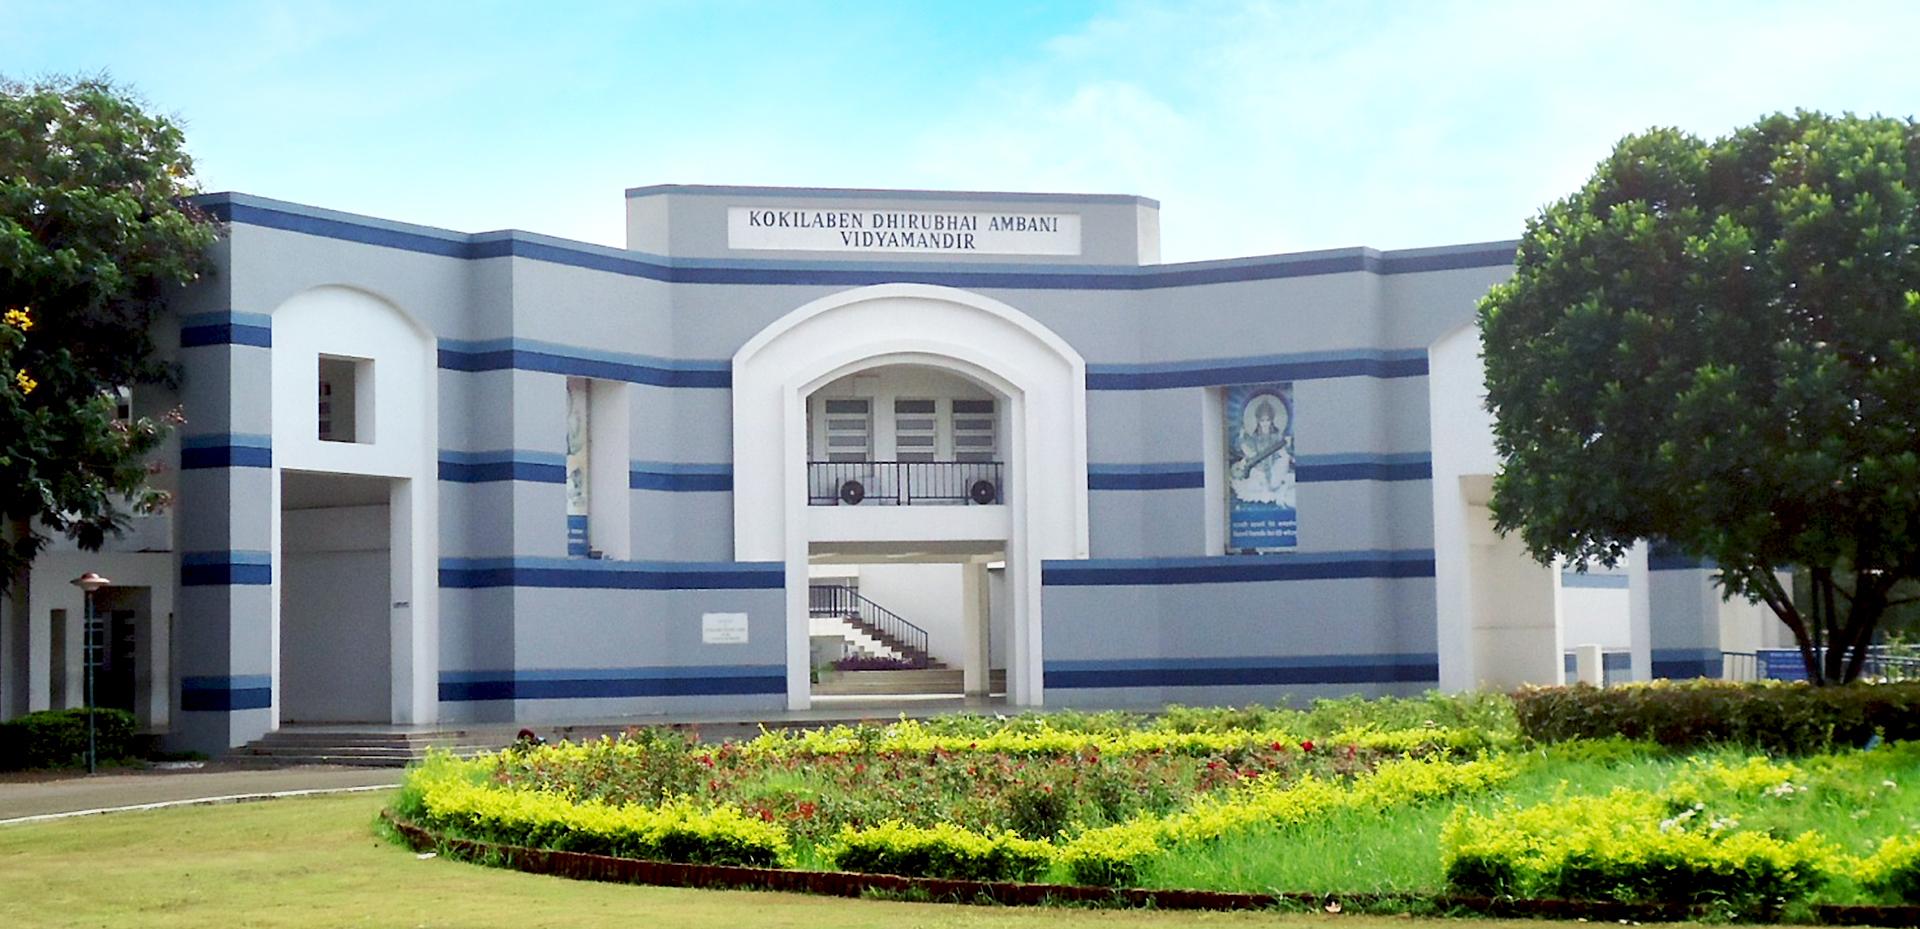 coronavirus-lockdown-dhirubhai-ambani-international-school-begins-live-classroom-teaching